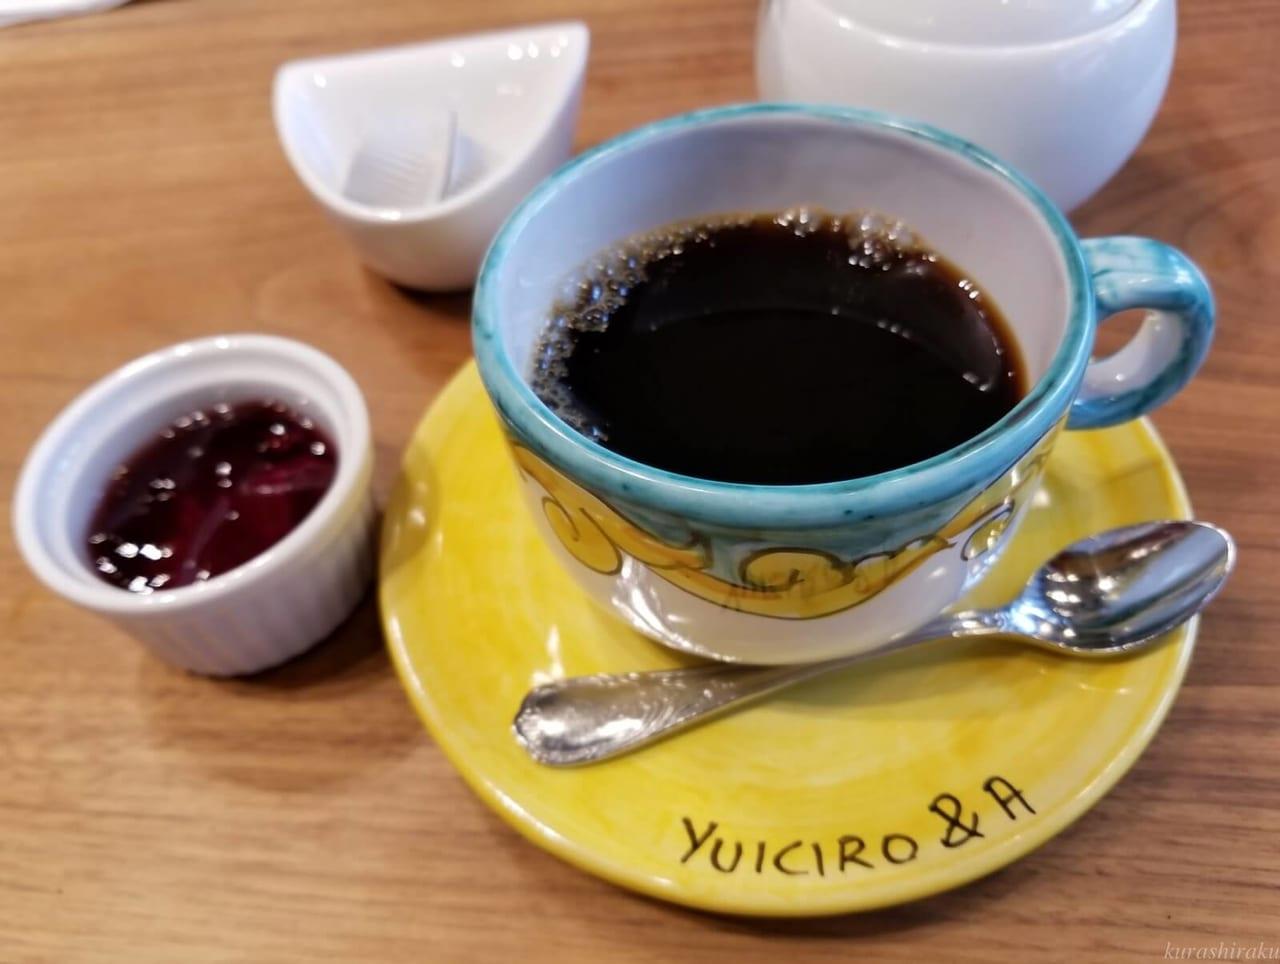 Pizzeria YUICIRO&Aのコーヒー